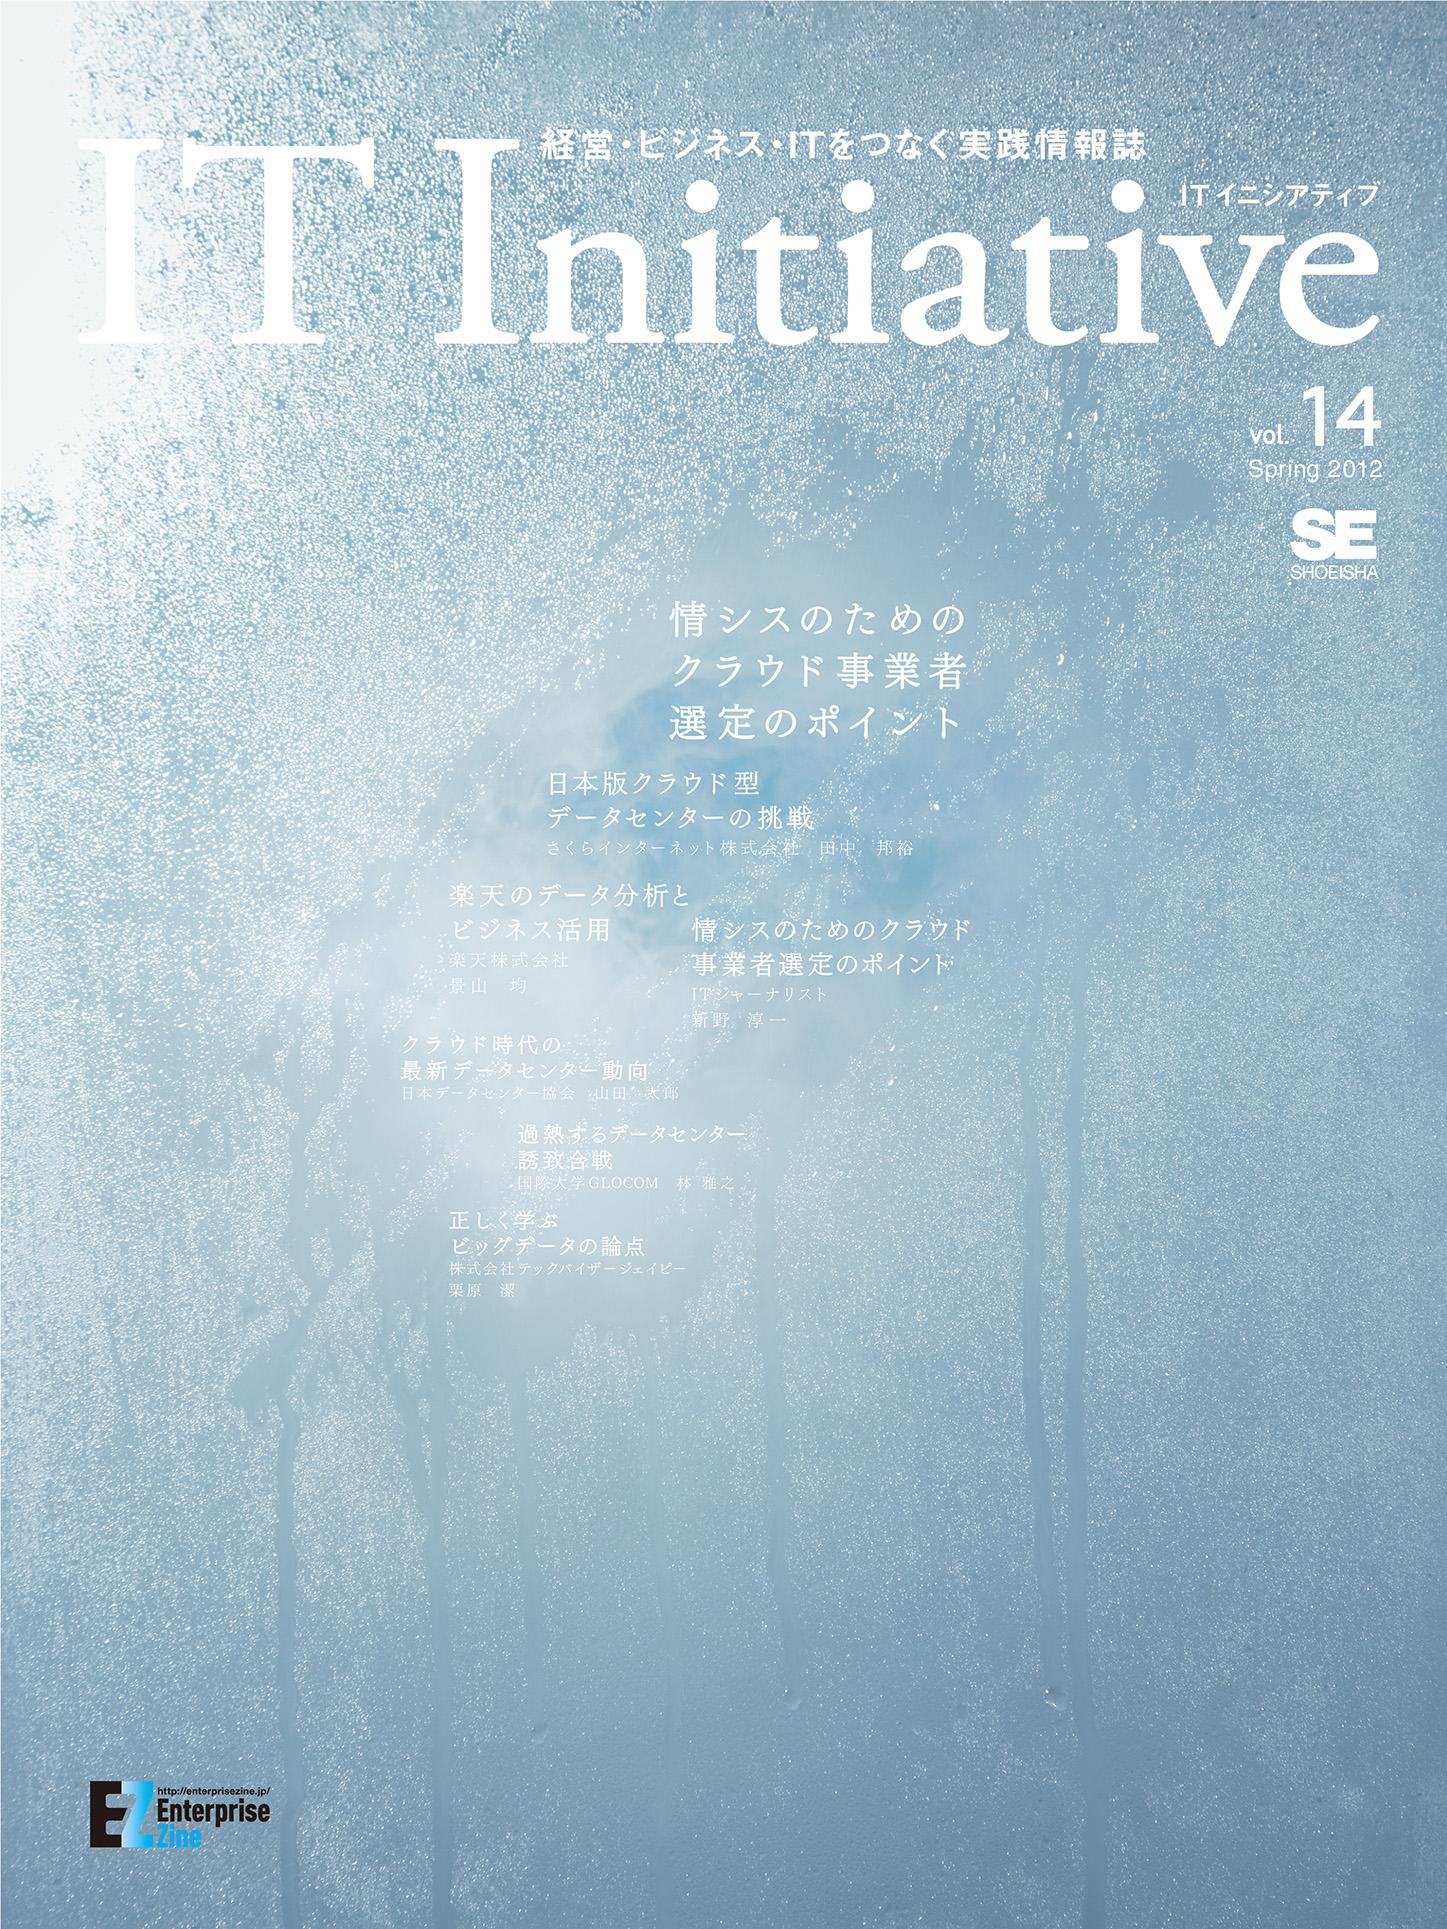 IT initiative_vol14_01